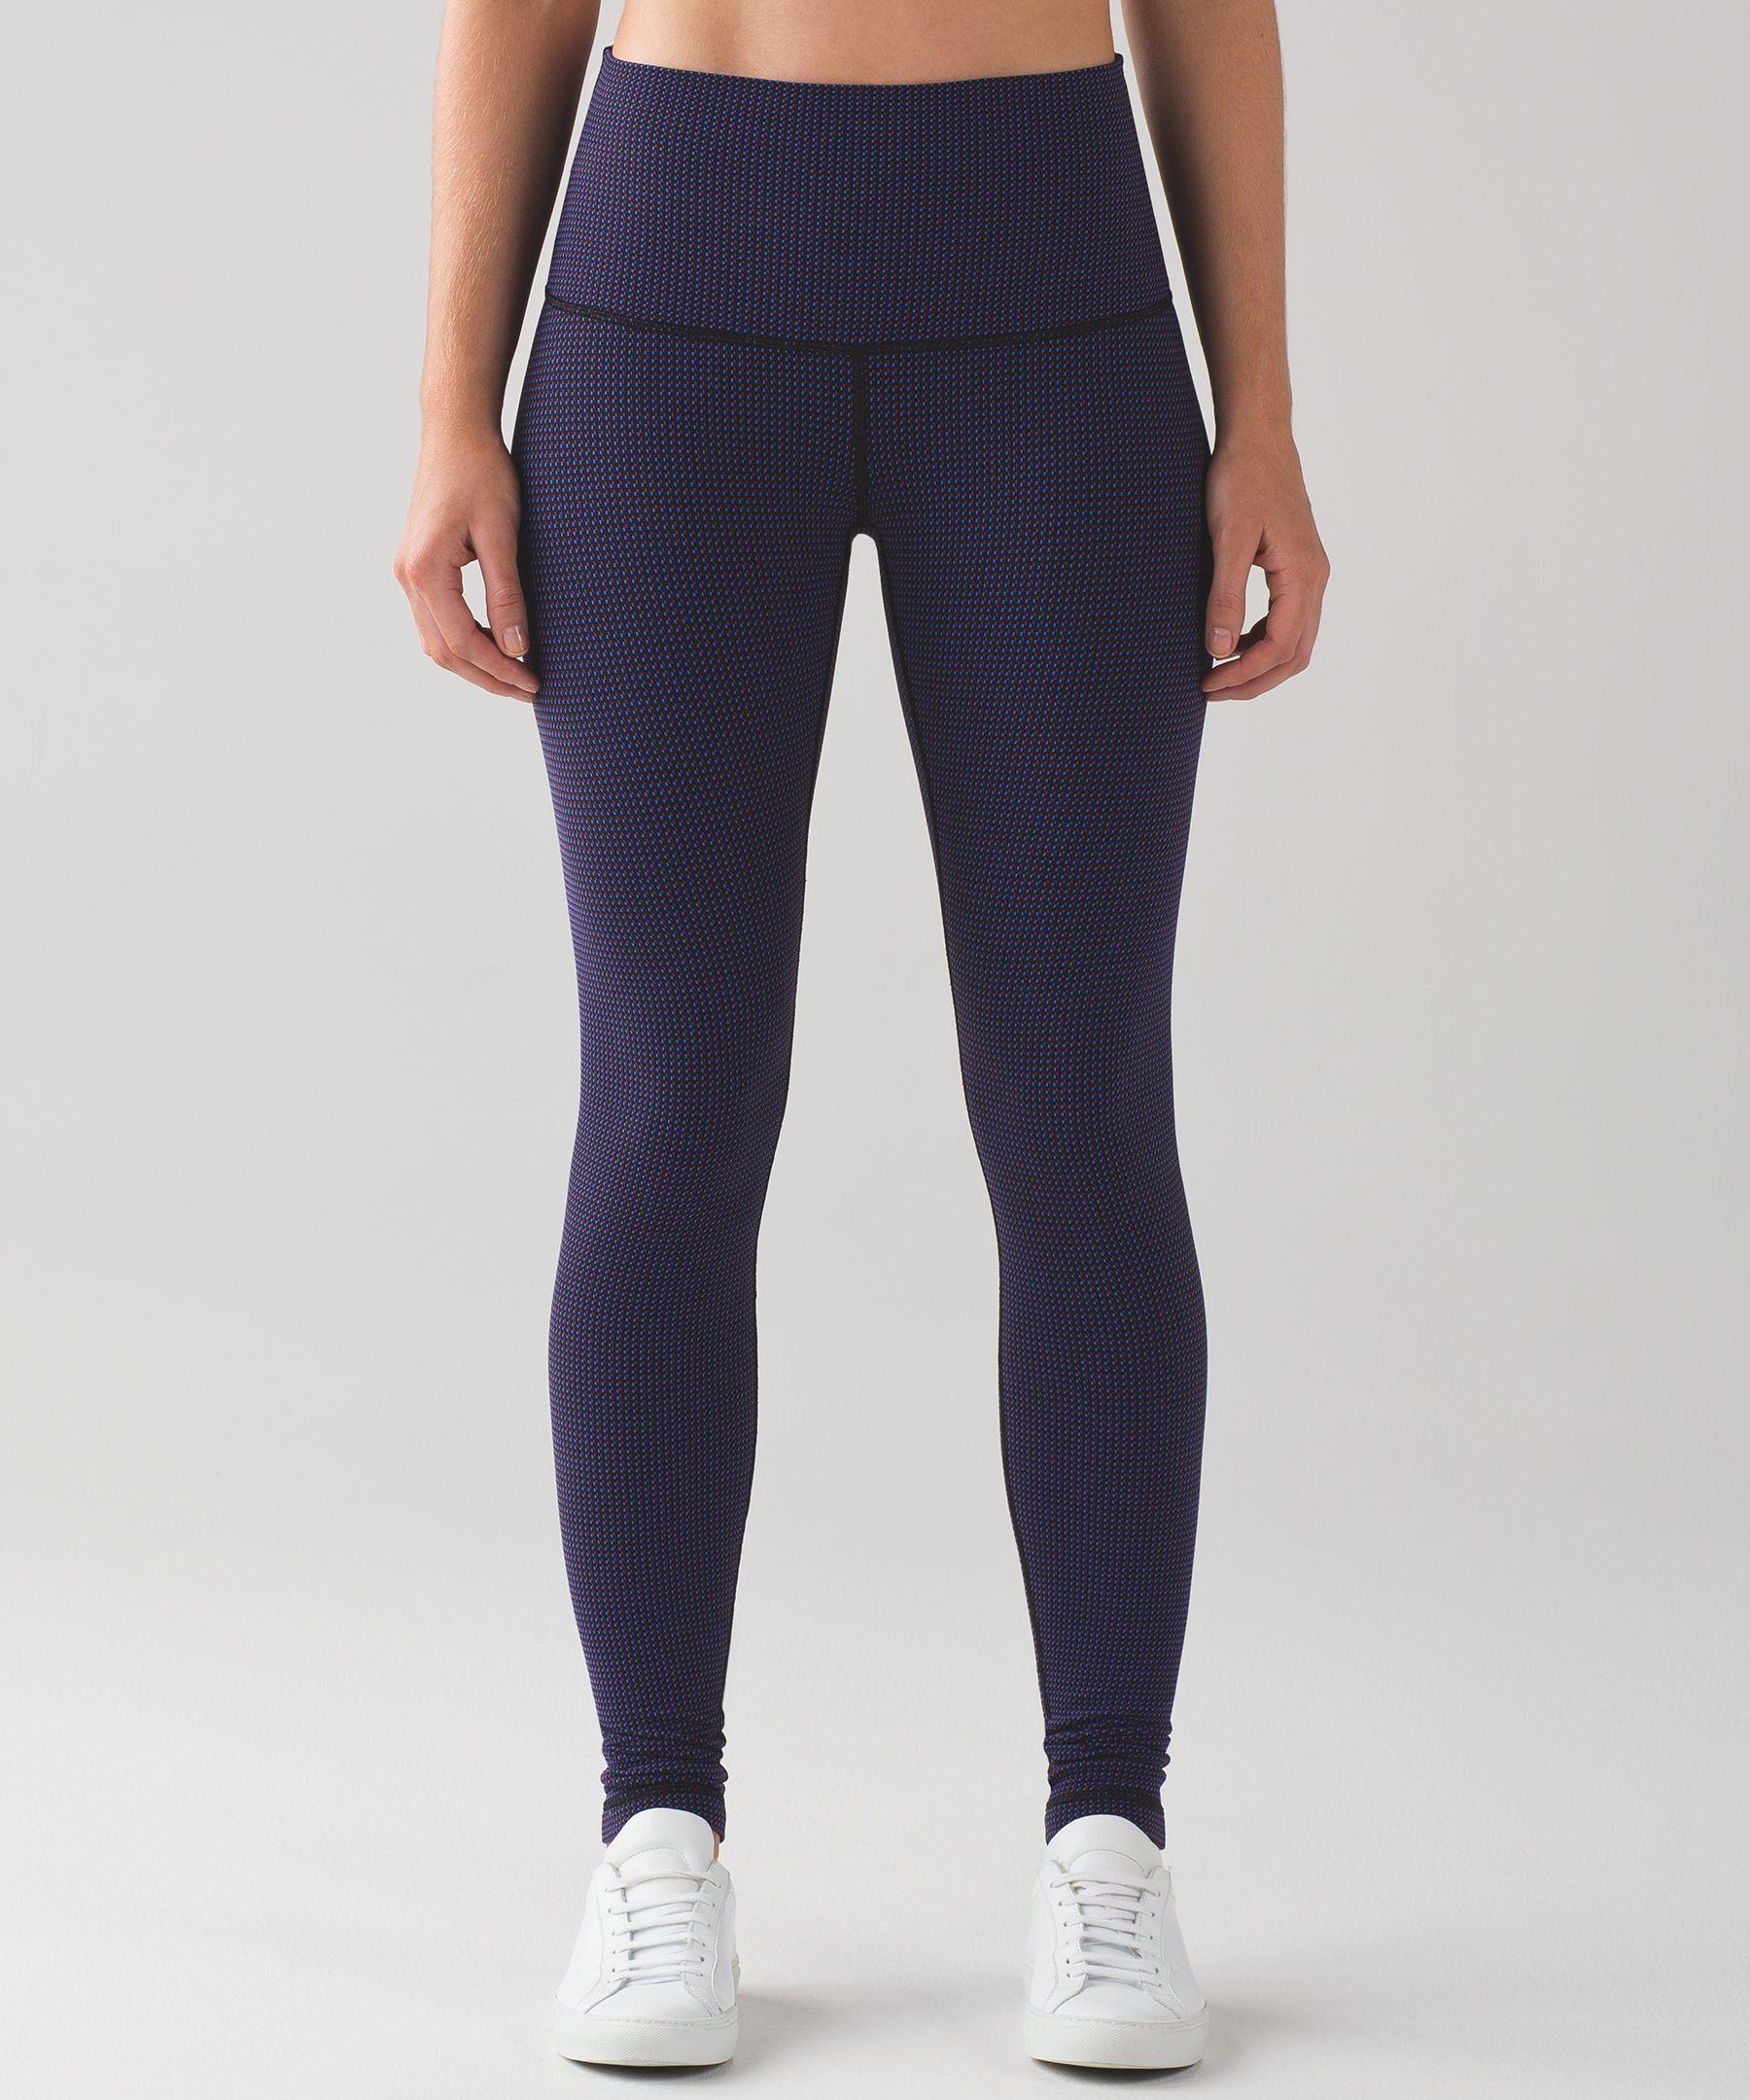 Wunder Under Pant (Hi-Rise) | Women's Yoga Pants | lululemon athletica